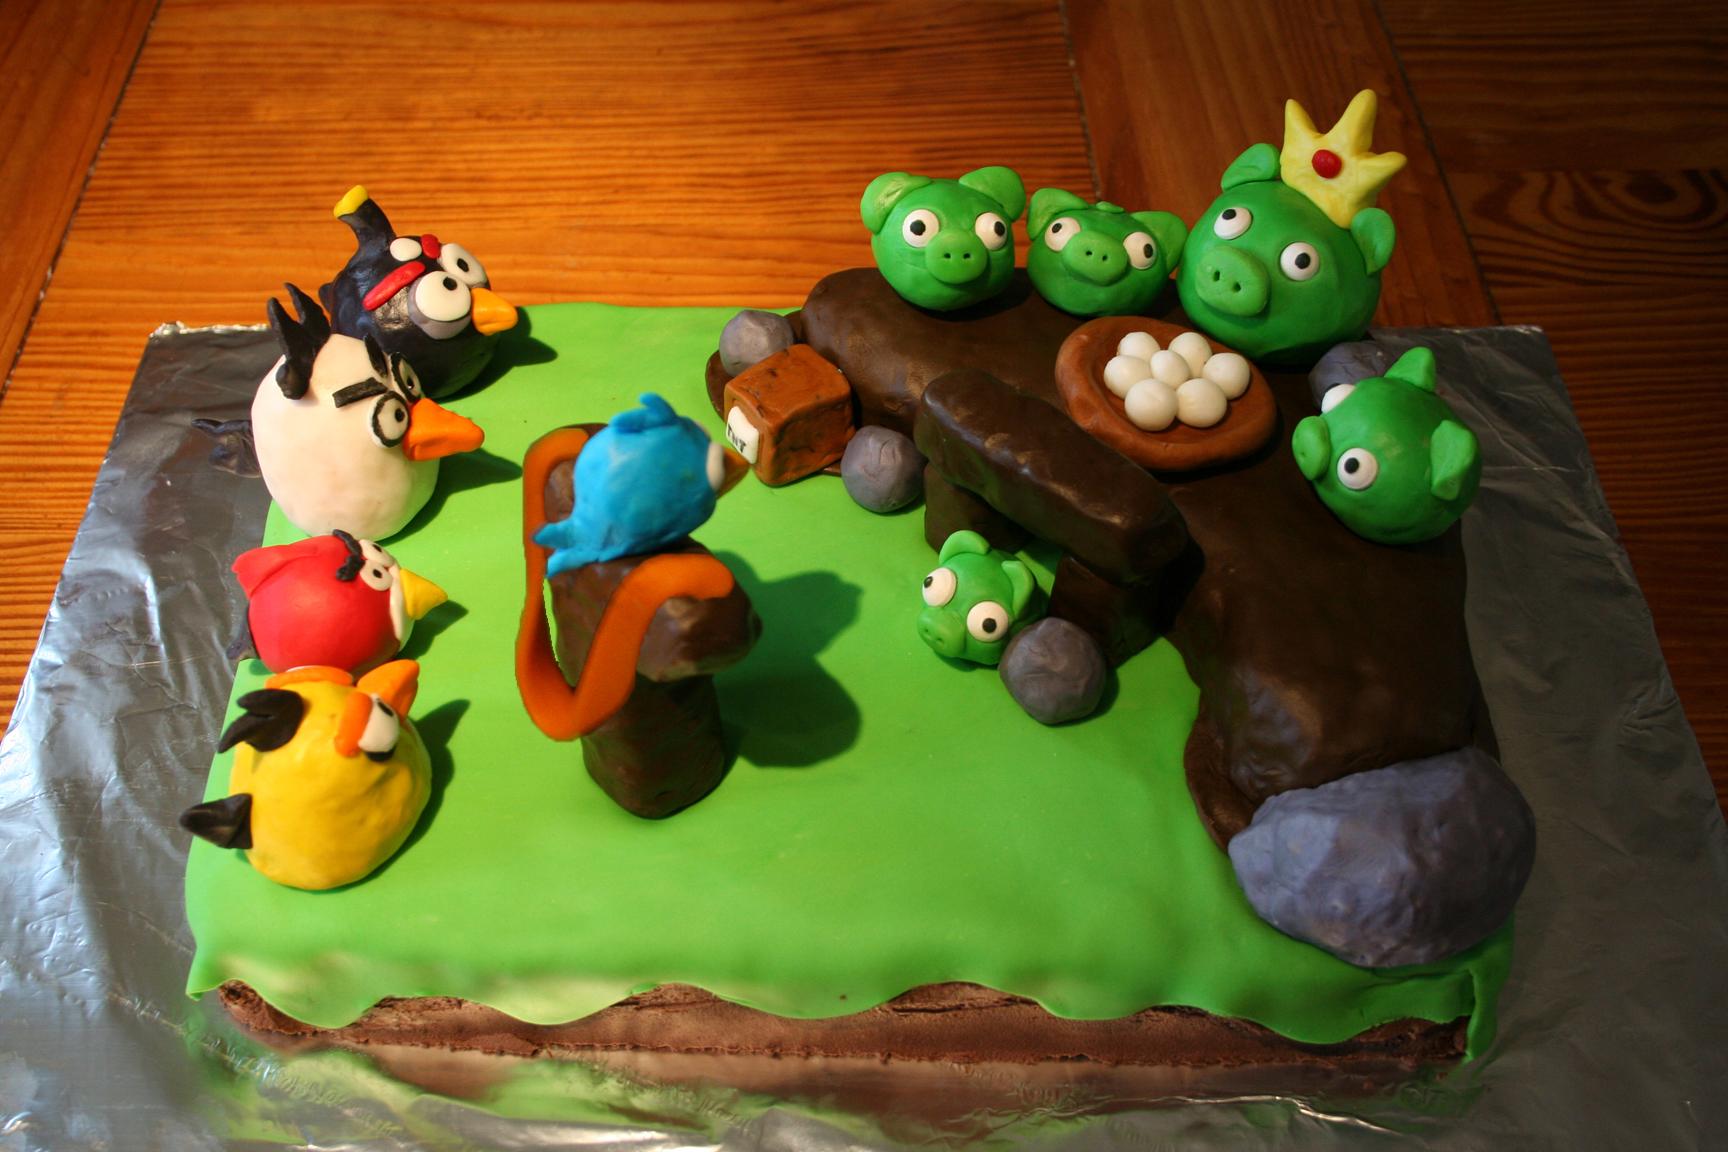 Angry Birds Cake Idea